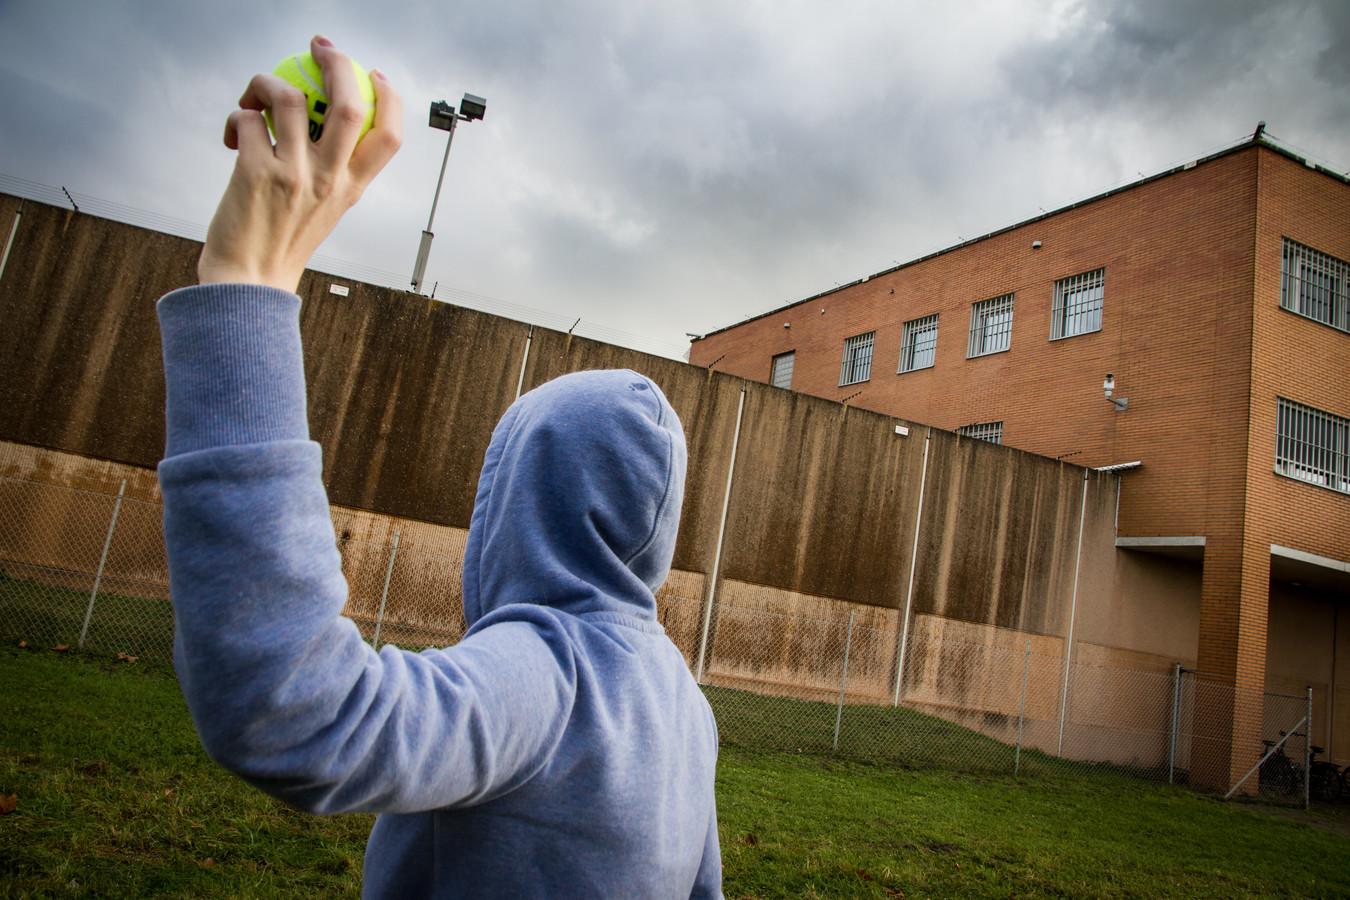 Eén van de smokkeltechnieken is iets in een tennisbal stoppen en het over het hek gooien. Deze foto is voor een eerder verhaal in scène gezet.